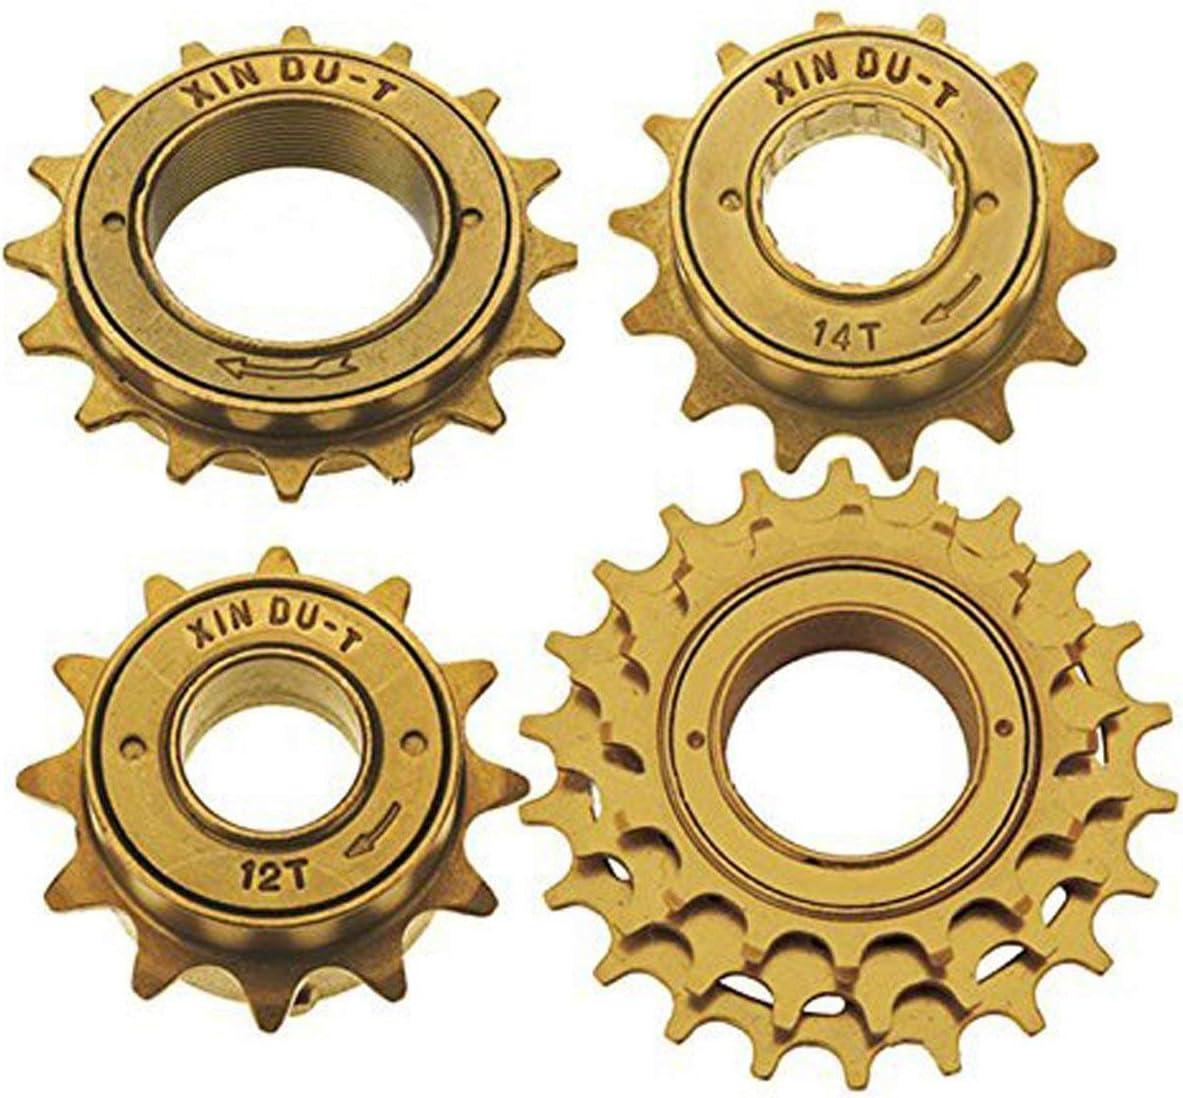 COEWSKE Pi/ñ/ón de Volante para Bicicleta de una Sola Velocidad 12T 14T 16T y 3 velocidades